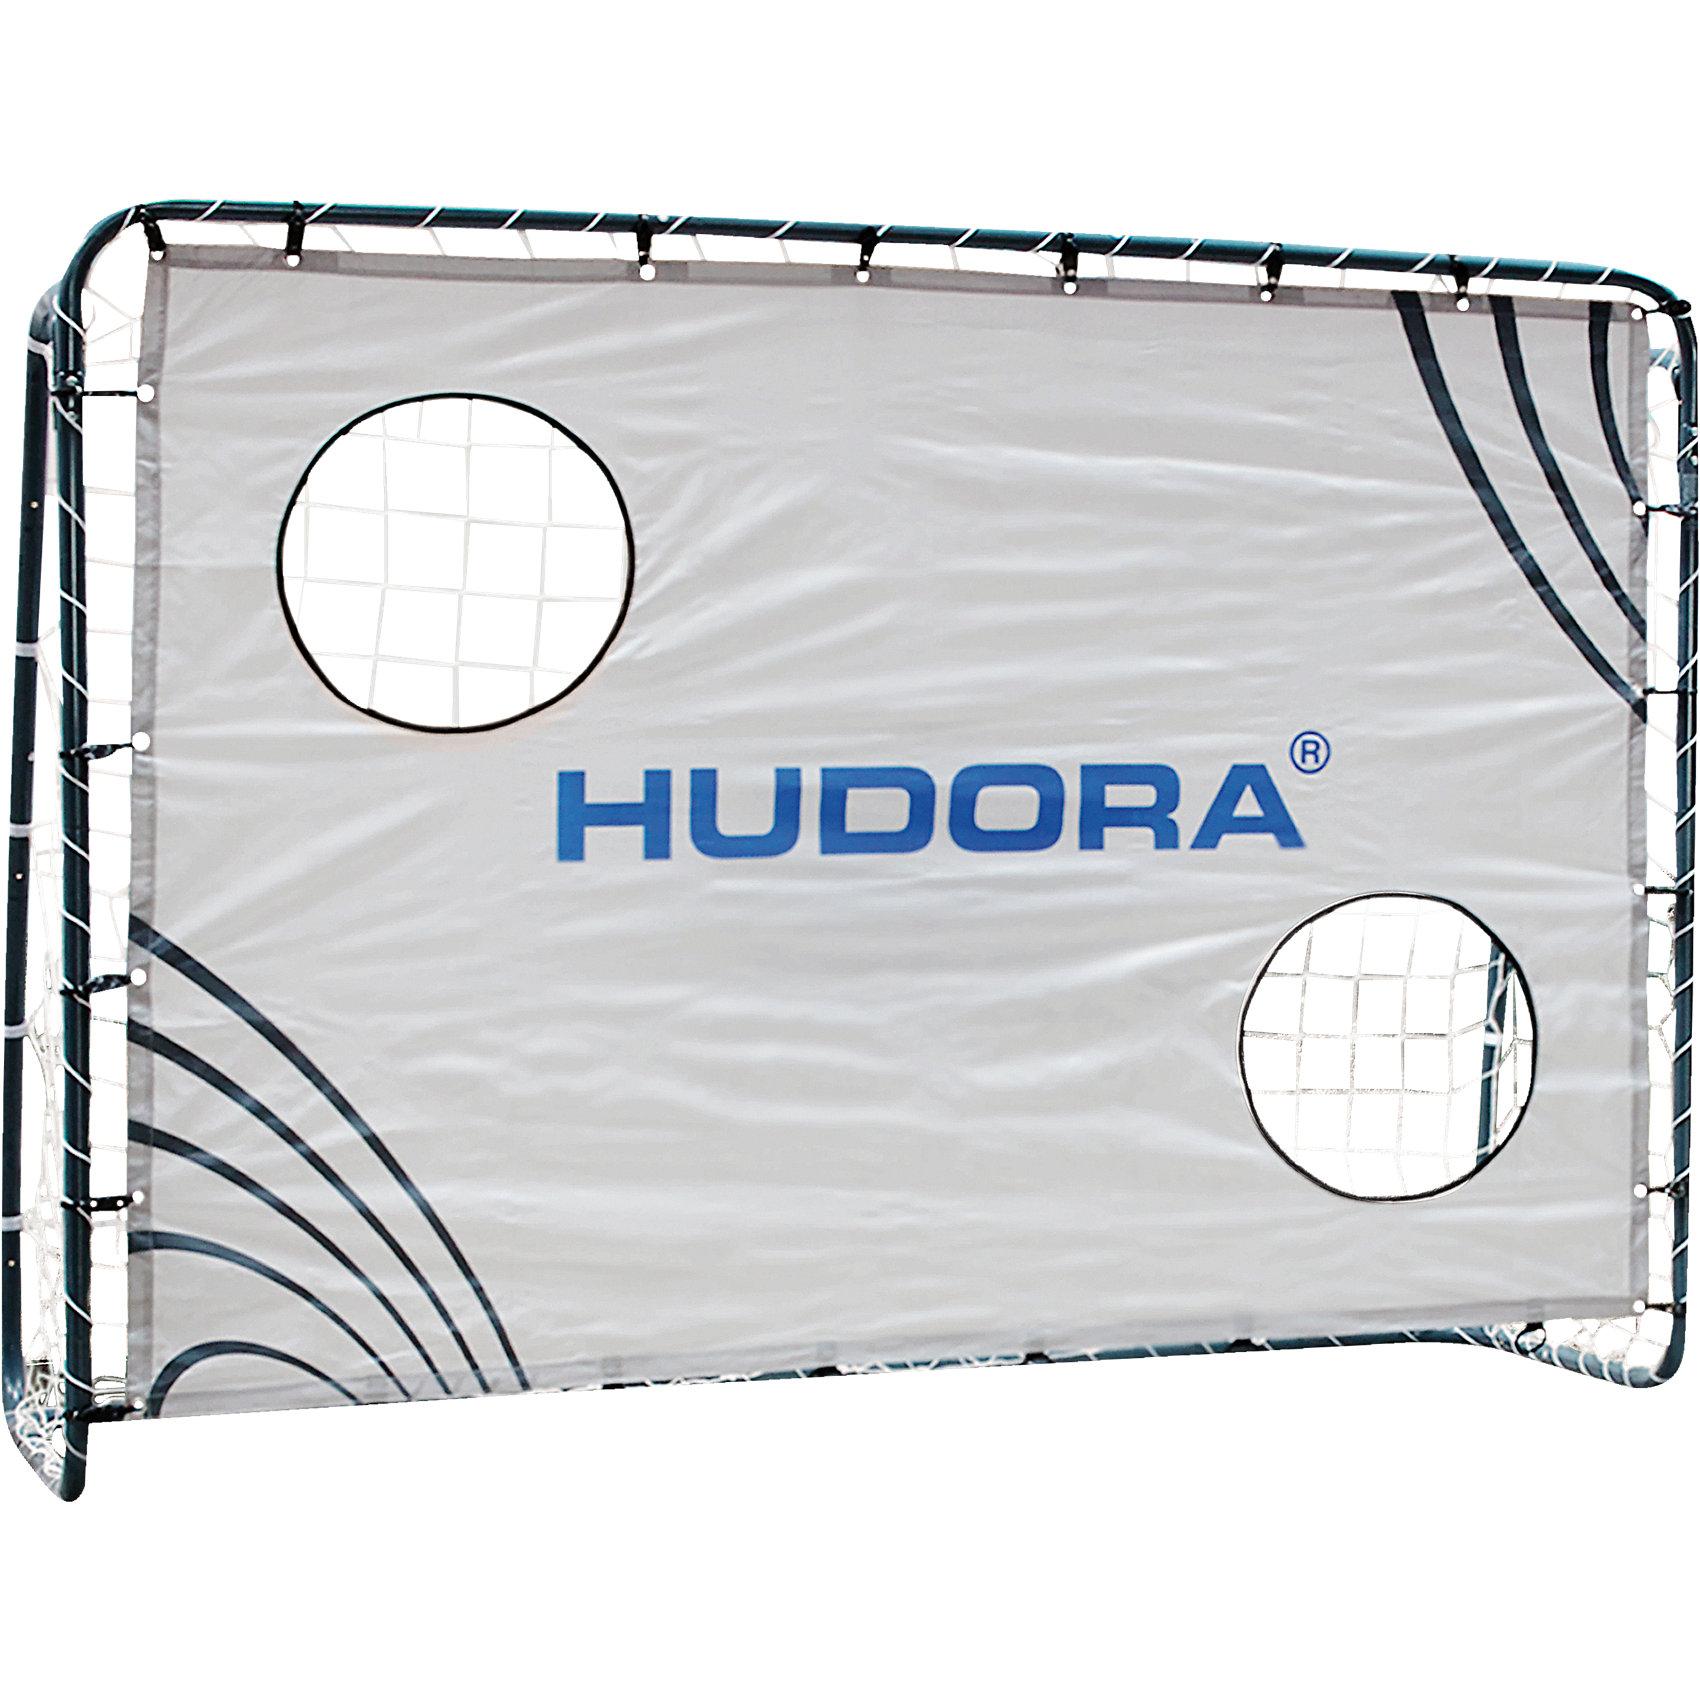 Hudora Футбольные ворота Soccergoal Freekick, HUDORA спортивные игровые наборы hudora спортивный игровой набор